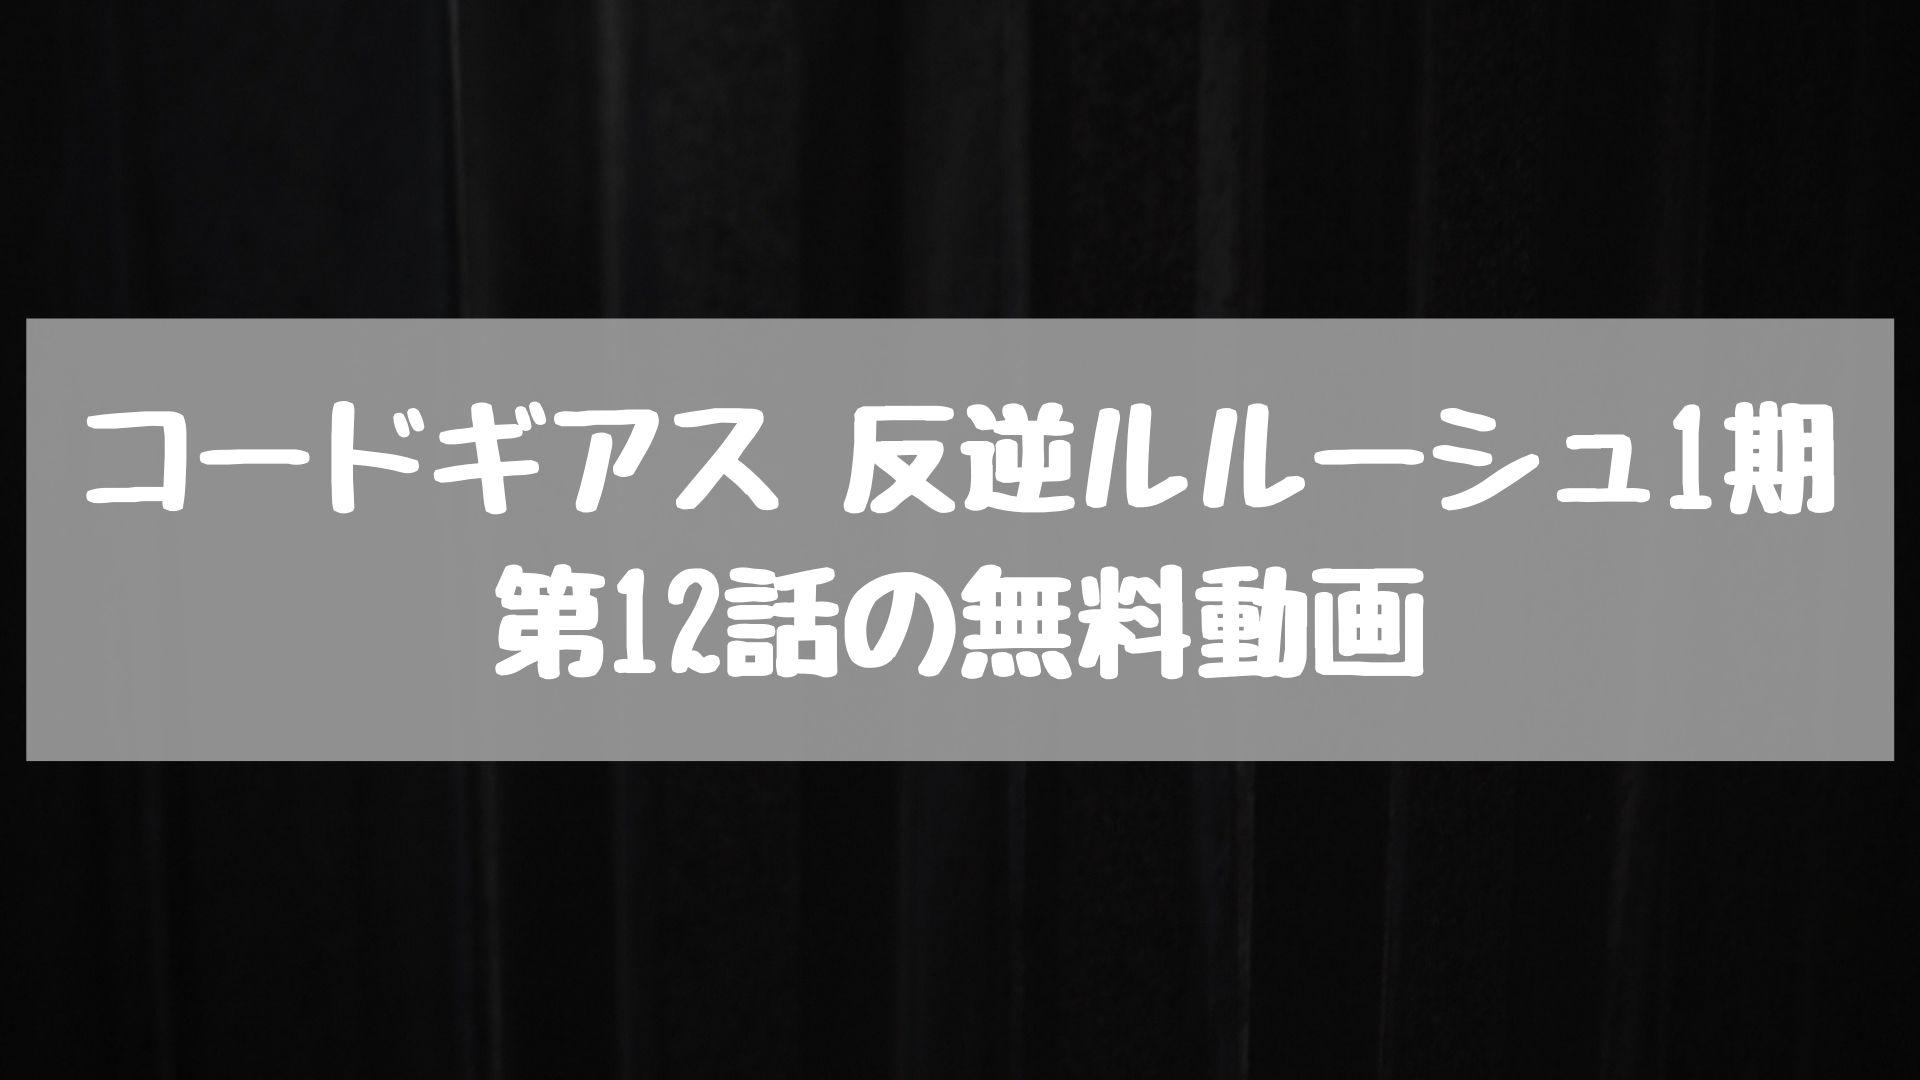 コードギアス 反逆ルルーシュ1期 第12話の無料動画